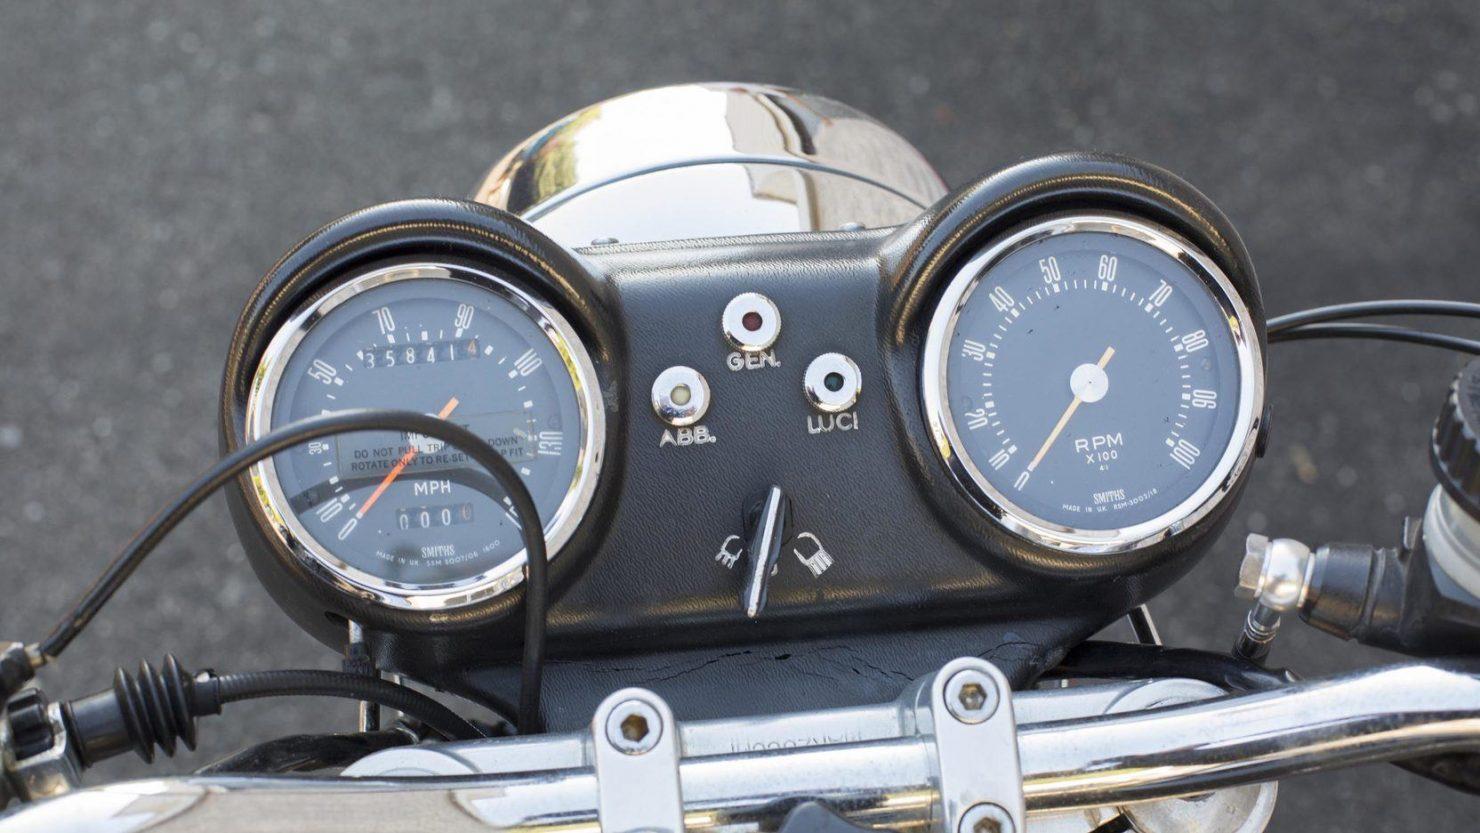 ducati 750gt 8 1480x833 - Original Sandcast 1971 Ducati 750 GT